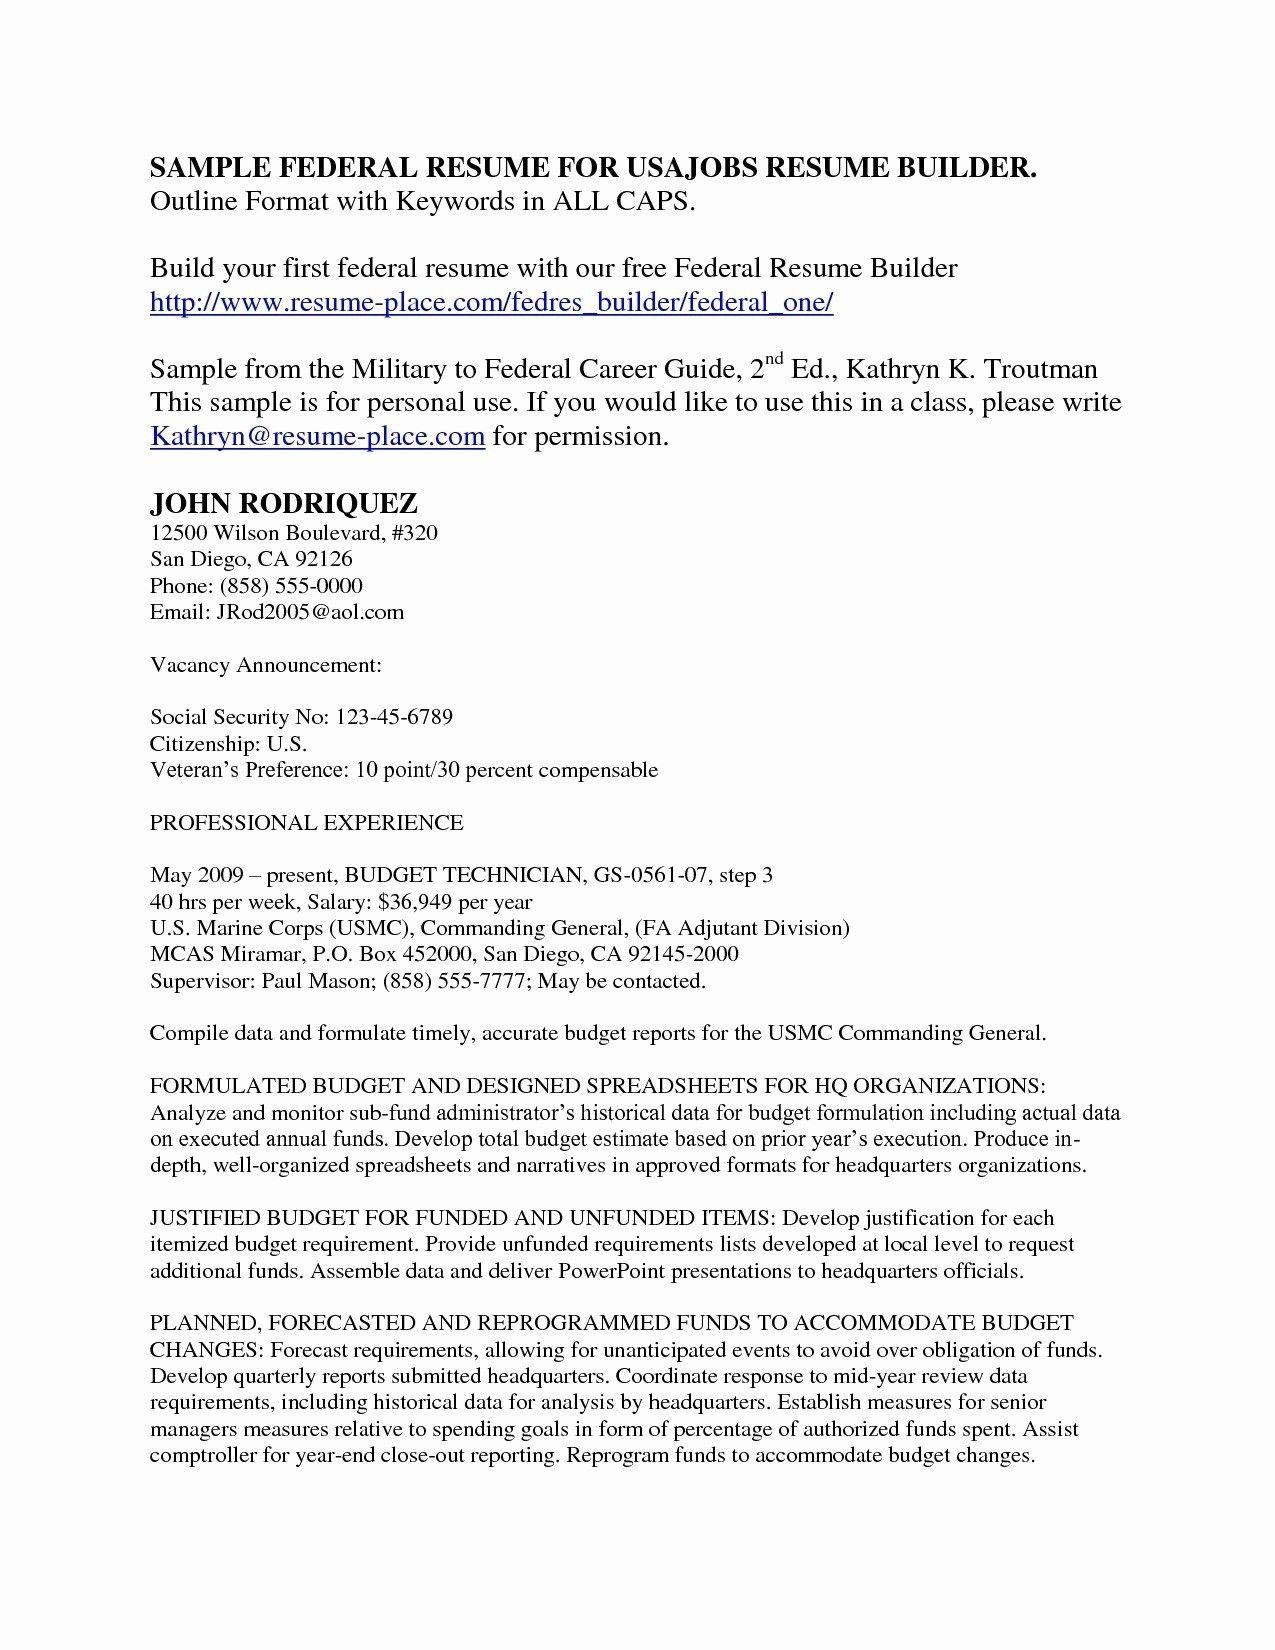 Sample Resume Xls Format , format resume ResumeFormat